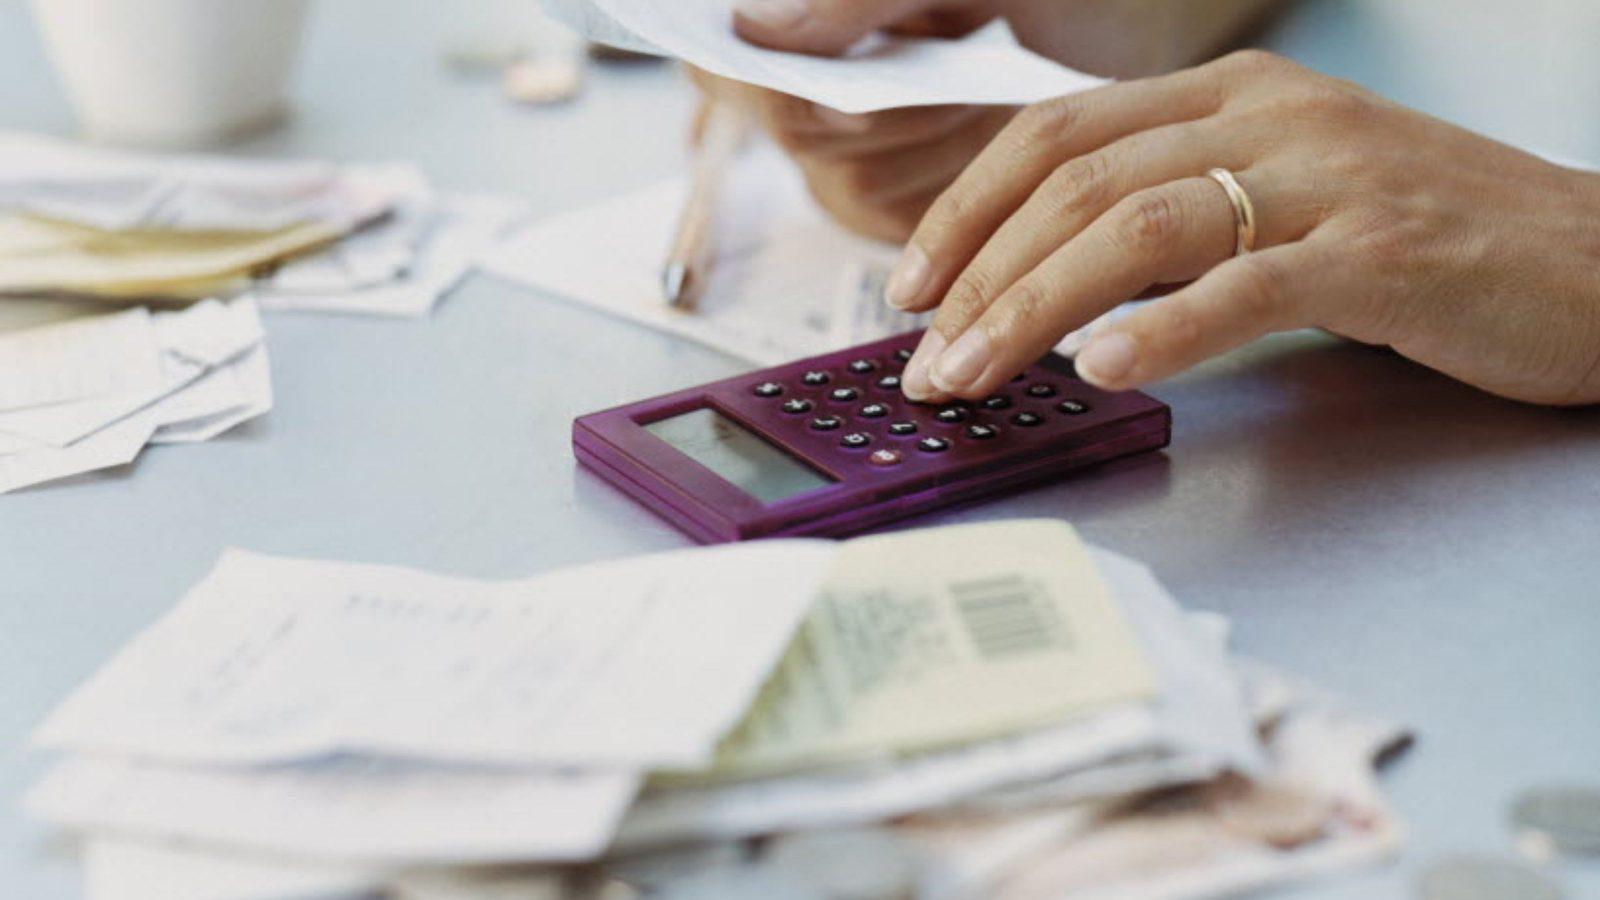 россельхозбанк калькулятор потребительского кредита физическим лицам рассчитать